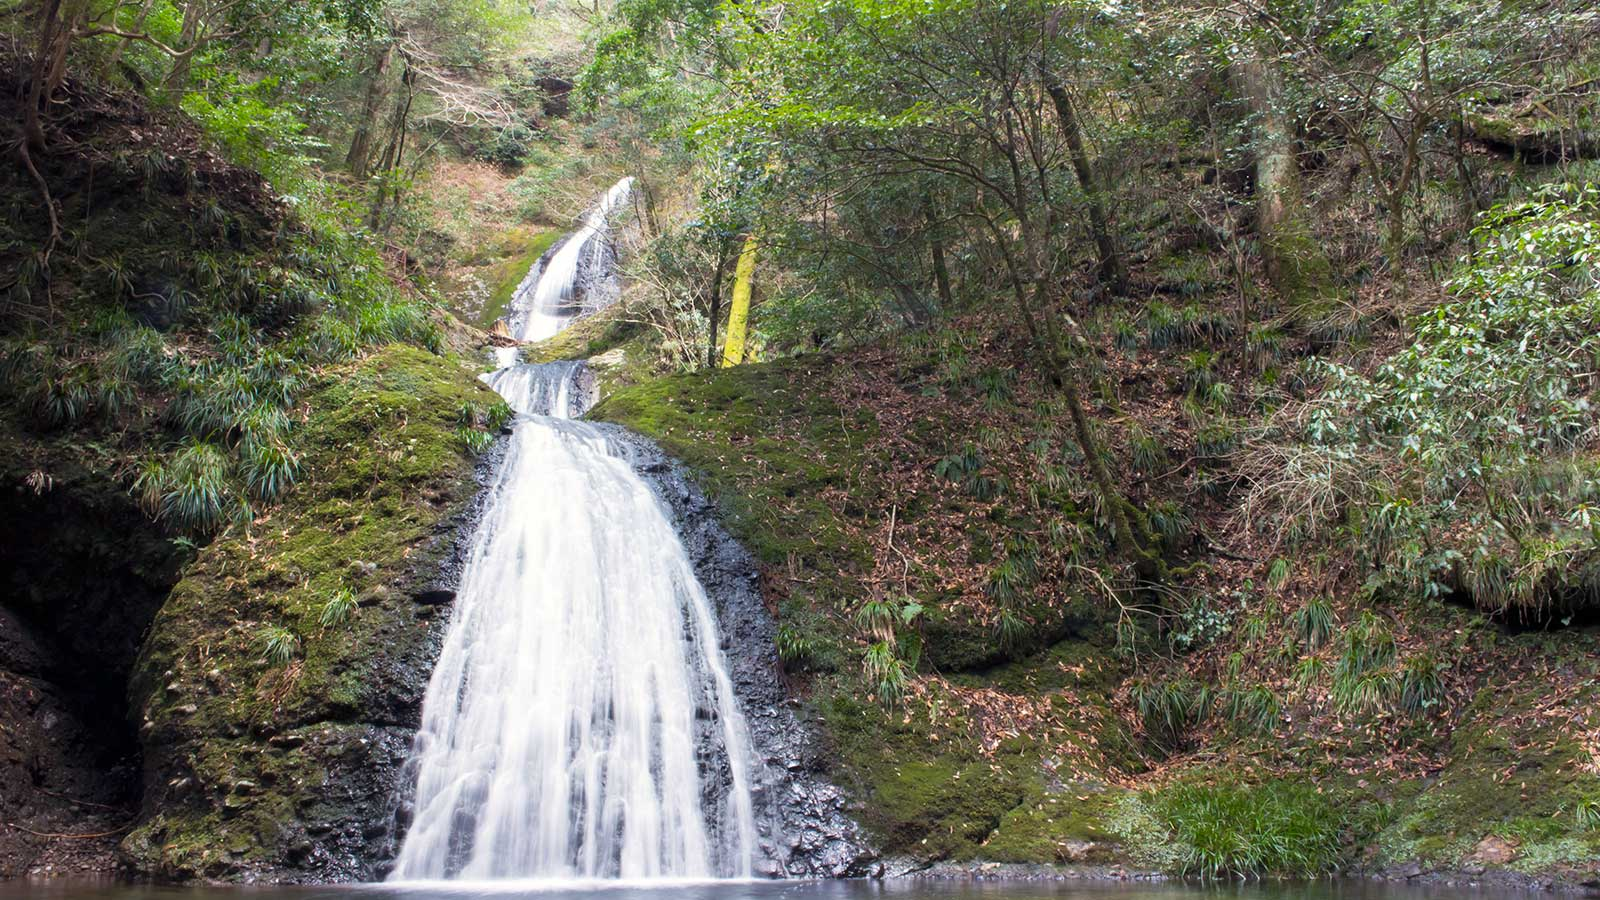 下からは最上部まで見えないが美しい曲線を描く阿寺の七滝 - -愛知県の観光、撮影スポット:阿寺の七滝- -